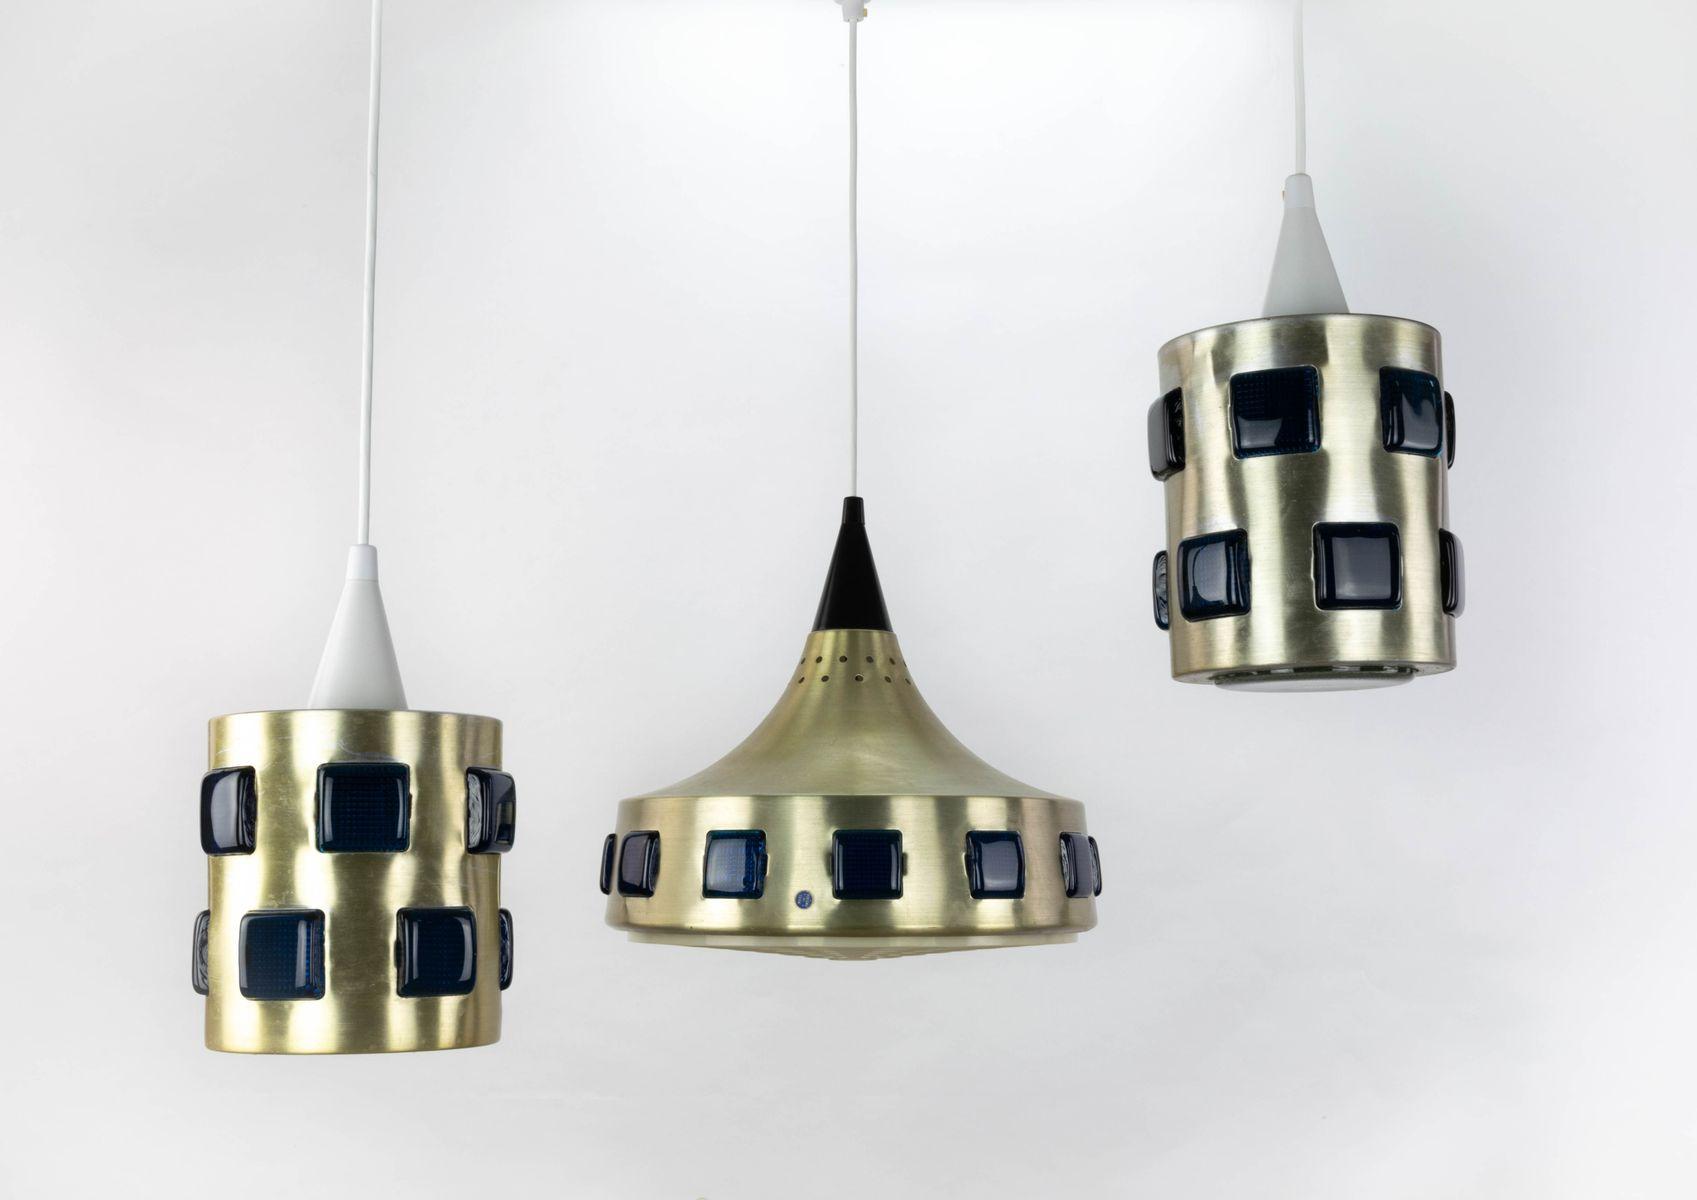 Lampade Da Soffitto Vintage : Lampade da soffitto vintage di drgm anni set di in vendita